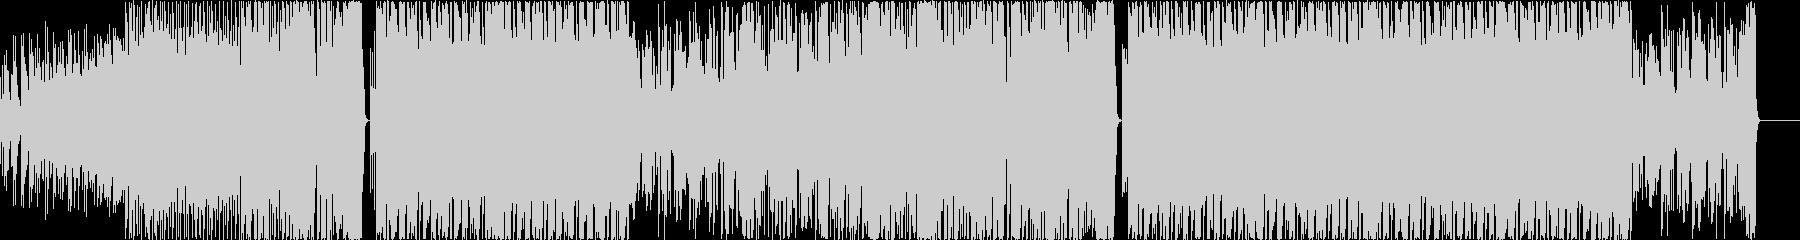 EDM系マシュメロ風スタイリッシな曲-9の未再生の波形